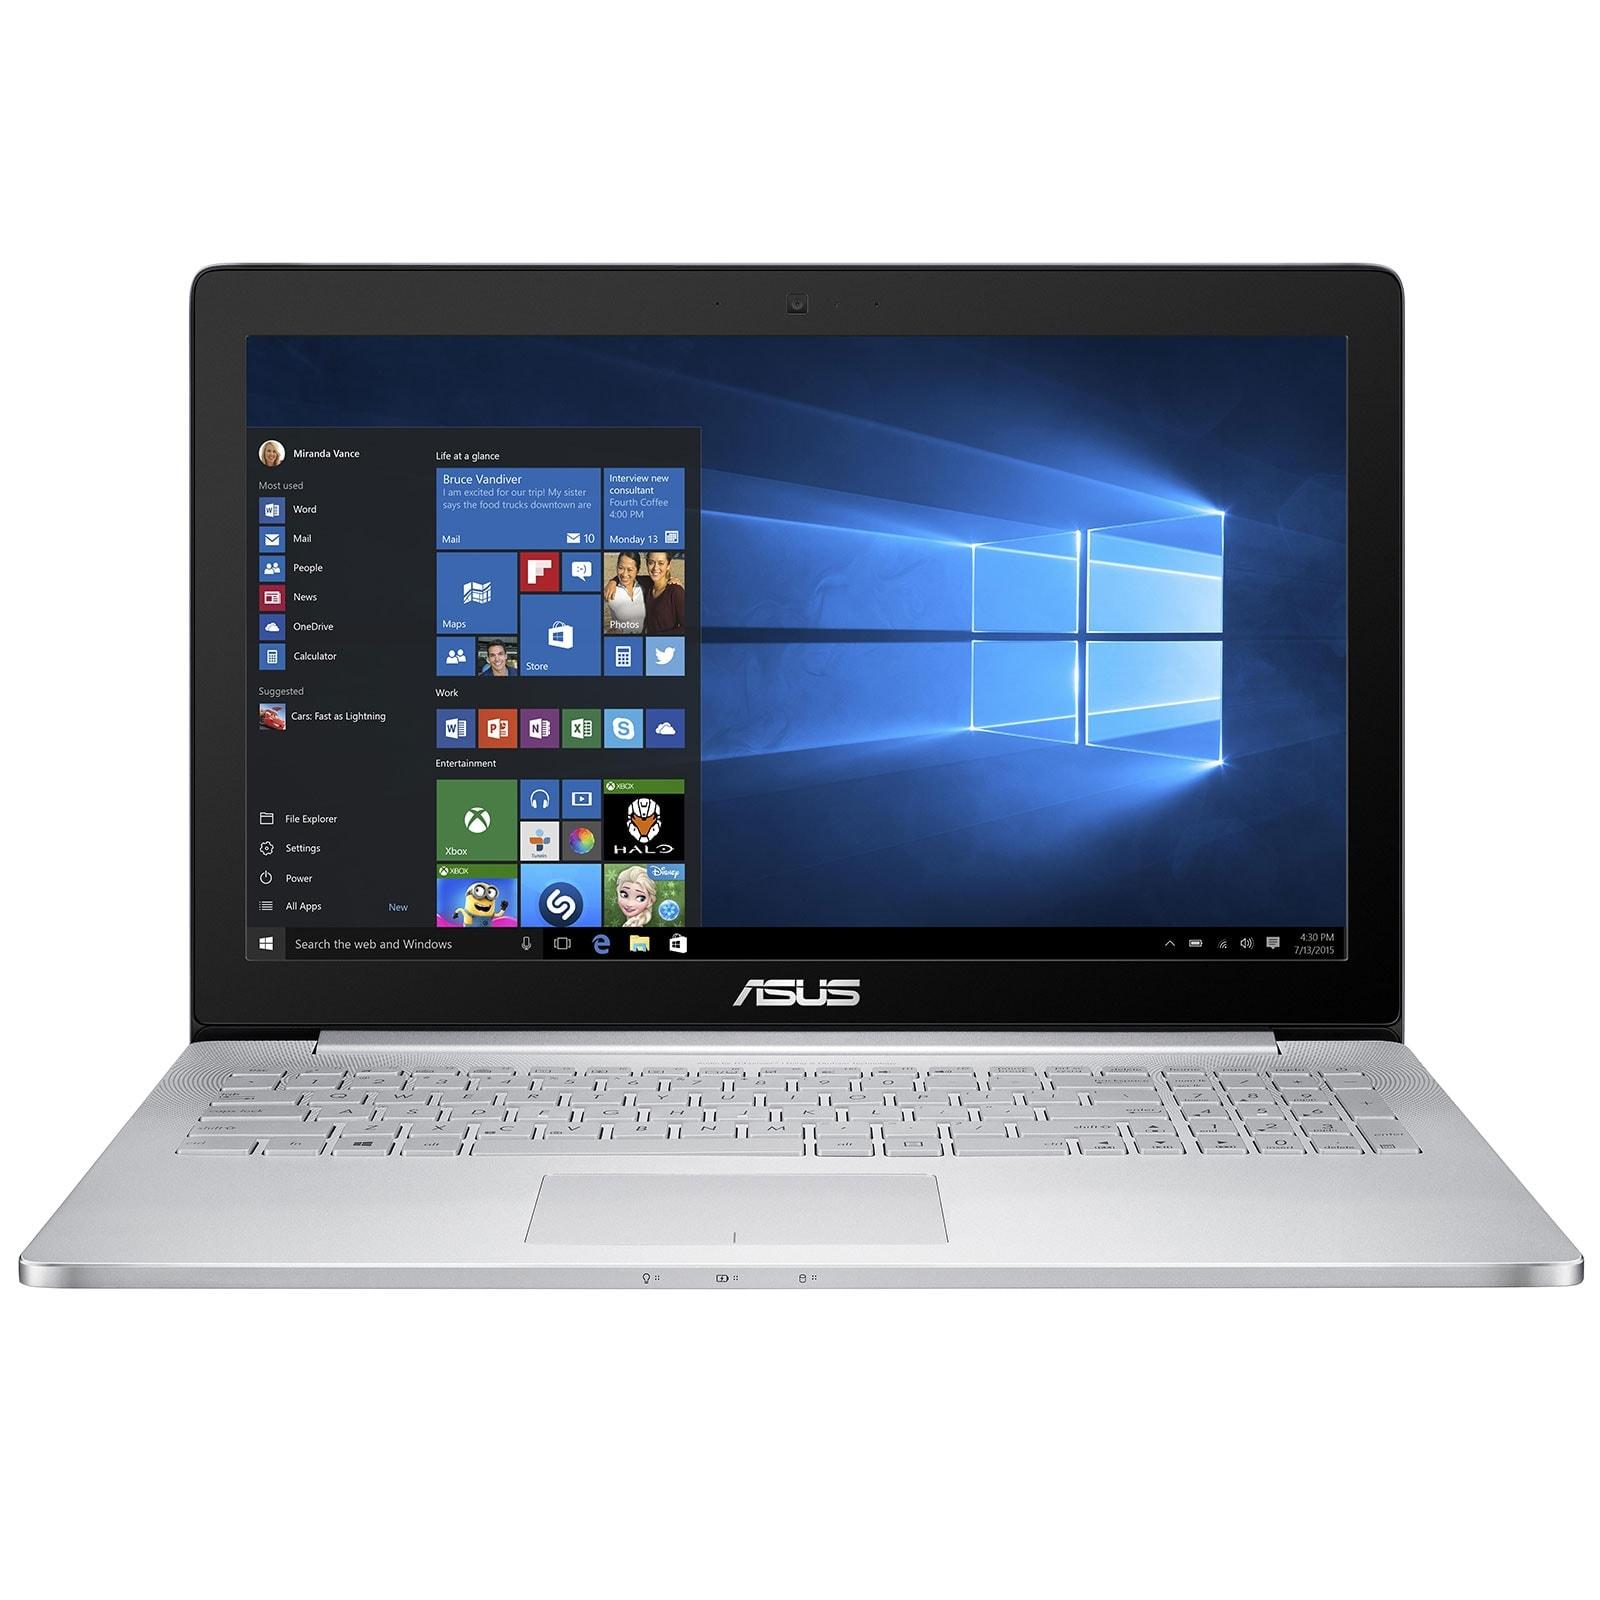 Asus Zenbook Pro UX501VW-FI252R (90NB0AU2-M04890) - Achat / Vente PC Portable sur Cybertek.fr - 1